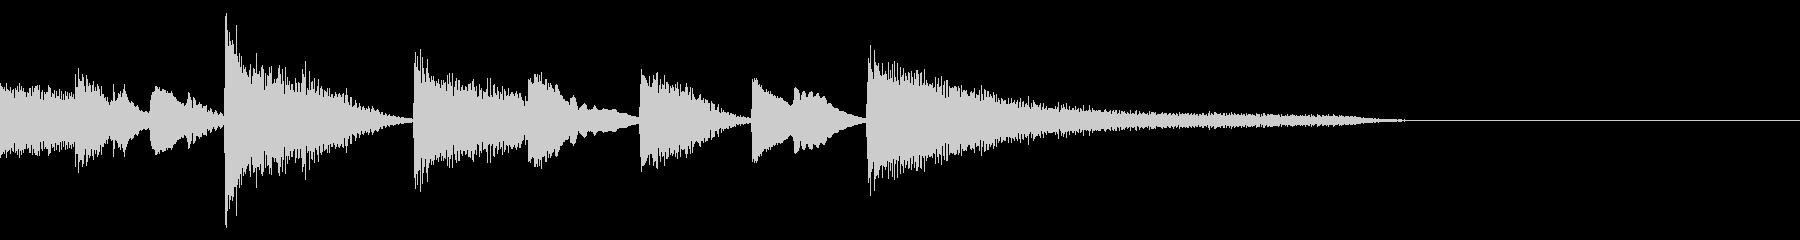 ジャズピアノの軽快なジングルC1の未再生の波形